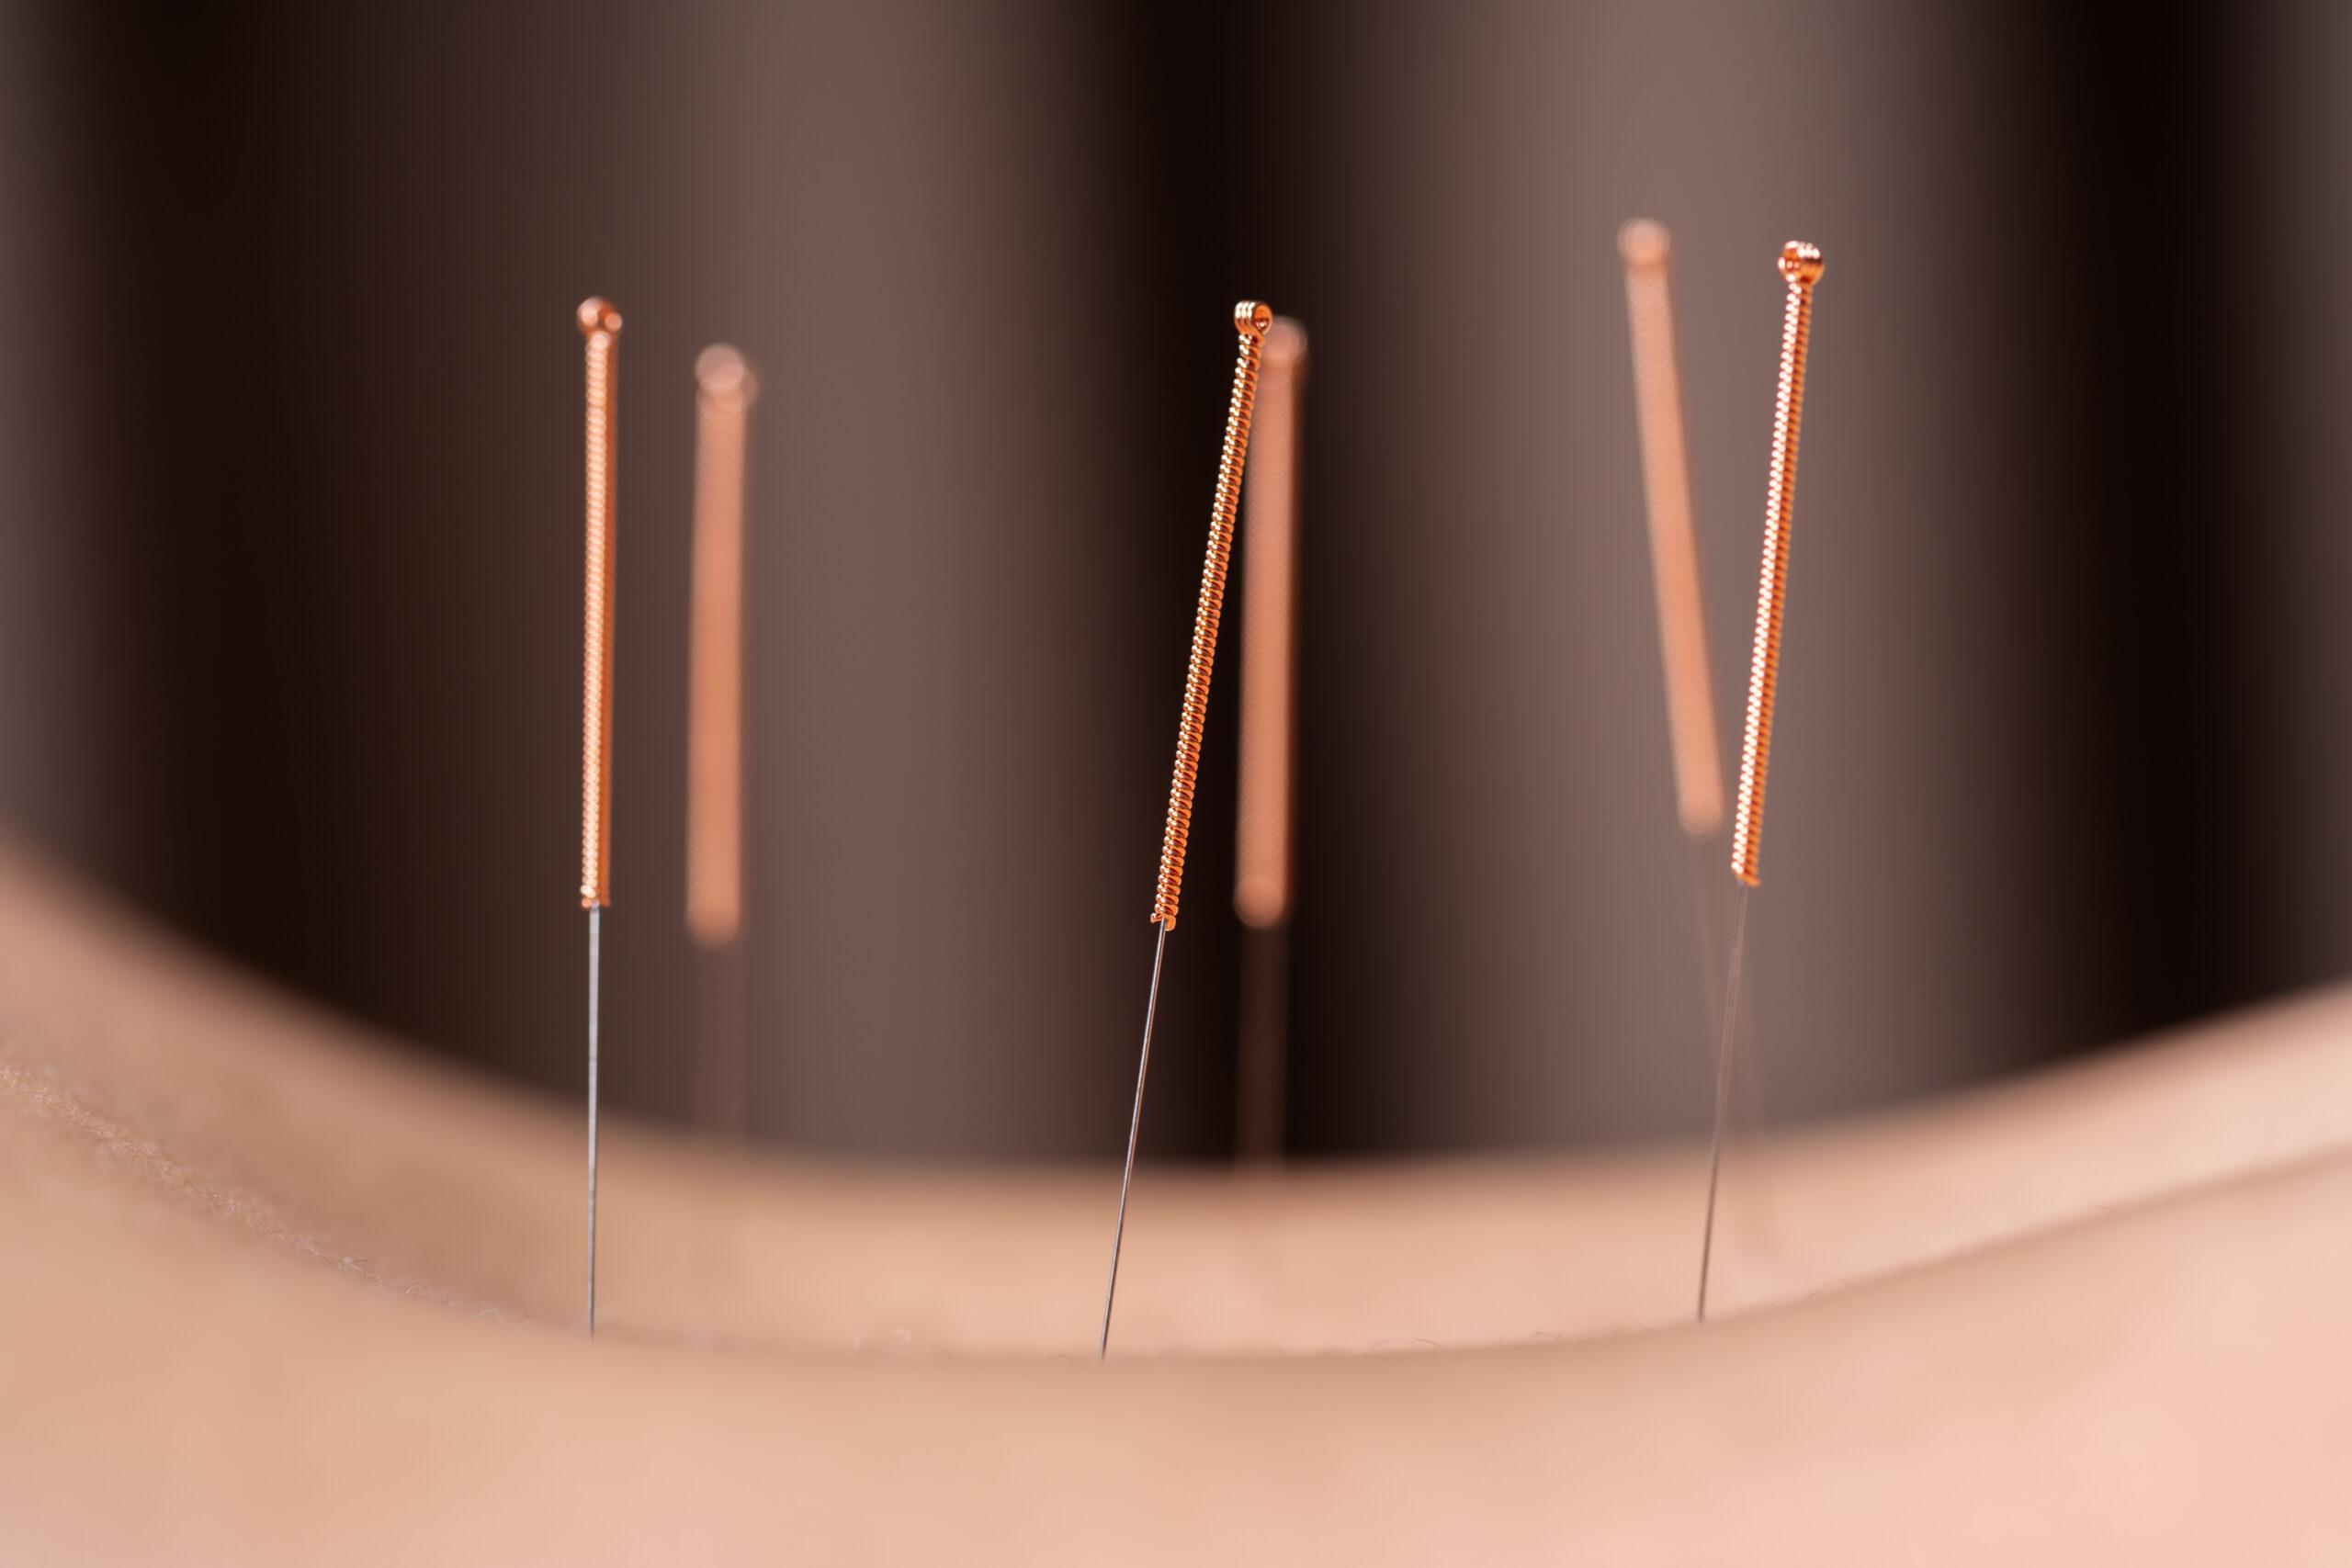 Akupunktiosta Tehokas Ja Nopea Apu Erilaisiin Kiputiloihin